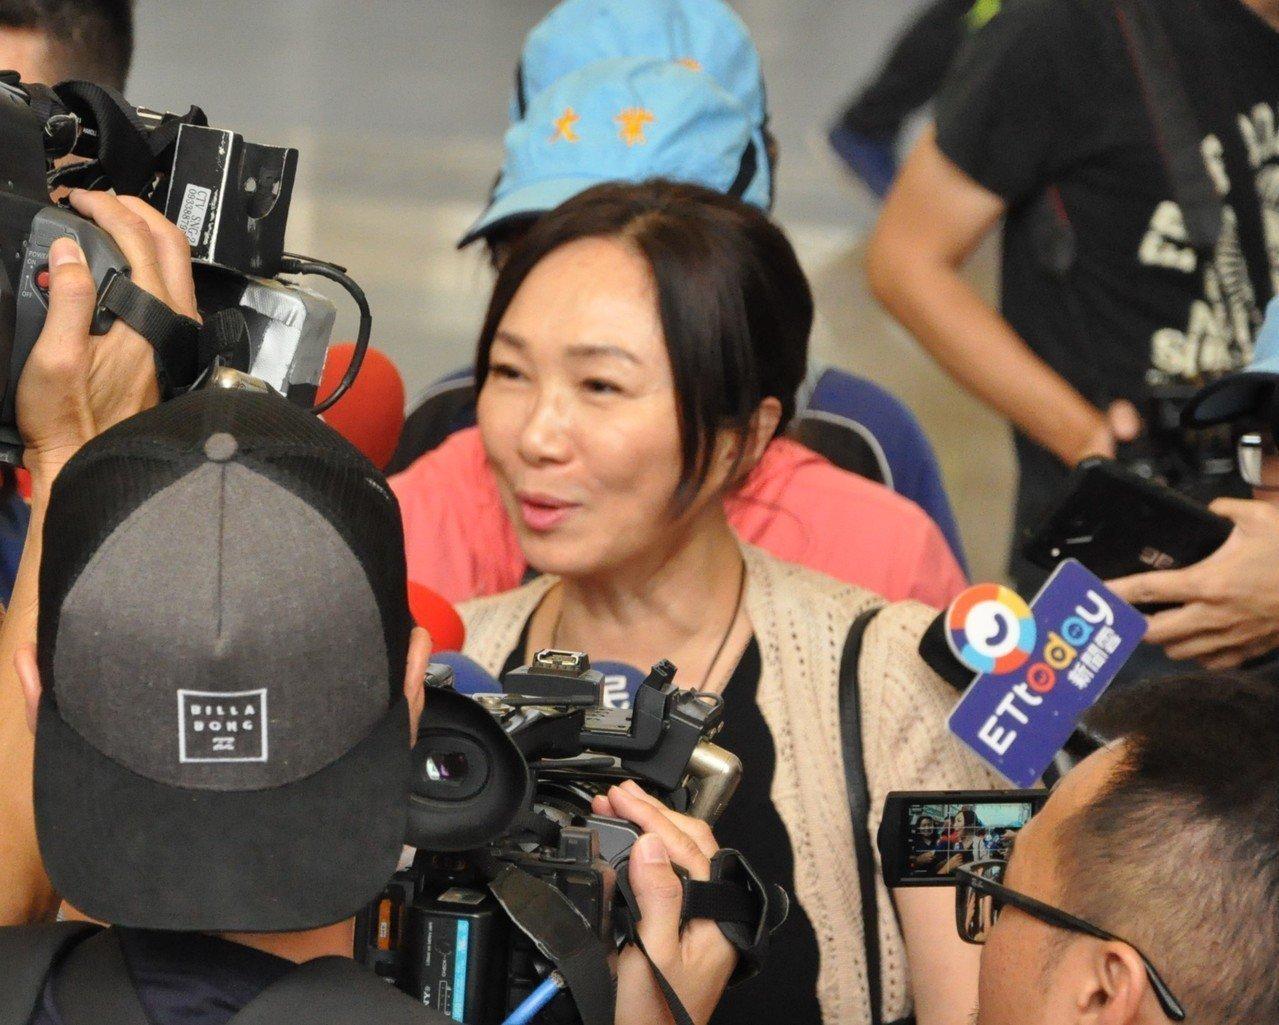 高雄市長夫人李佳芬2日下午現身小港社教館,首度針對韓國瑜婚外情回應「我們沒問題啊...